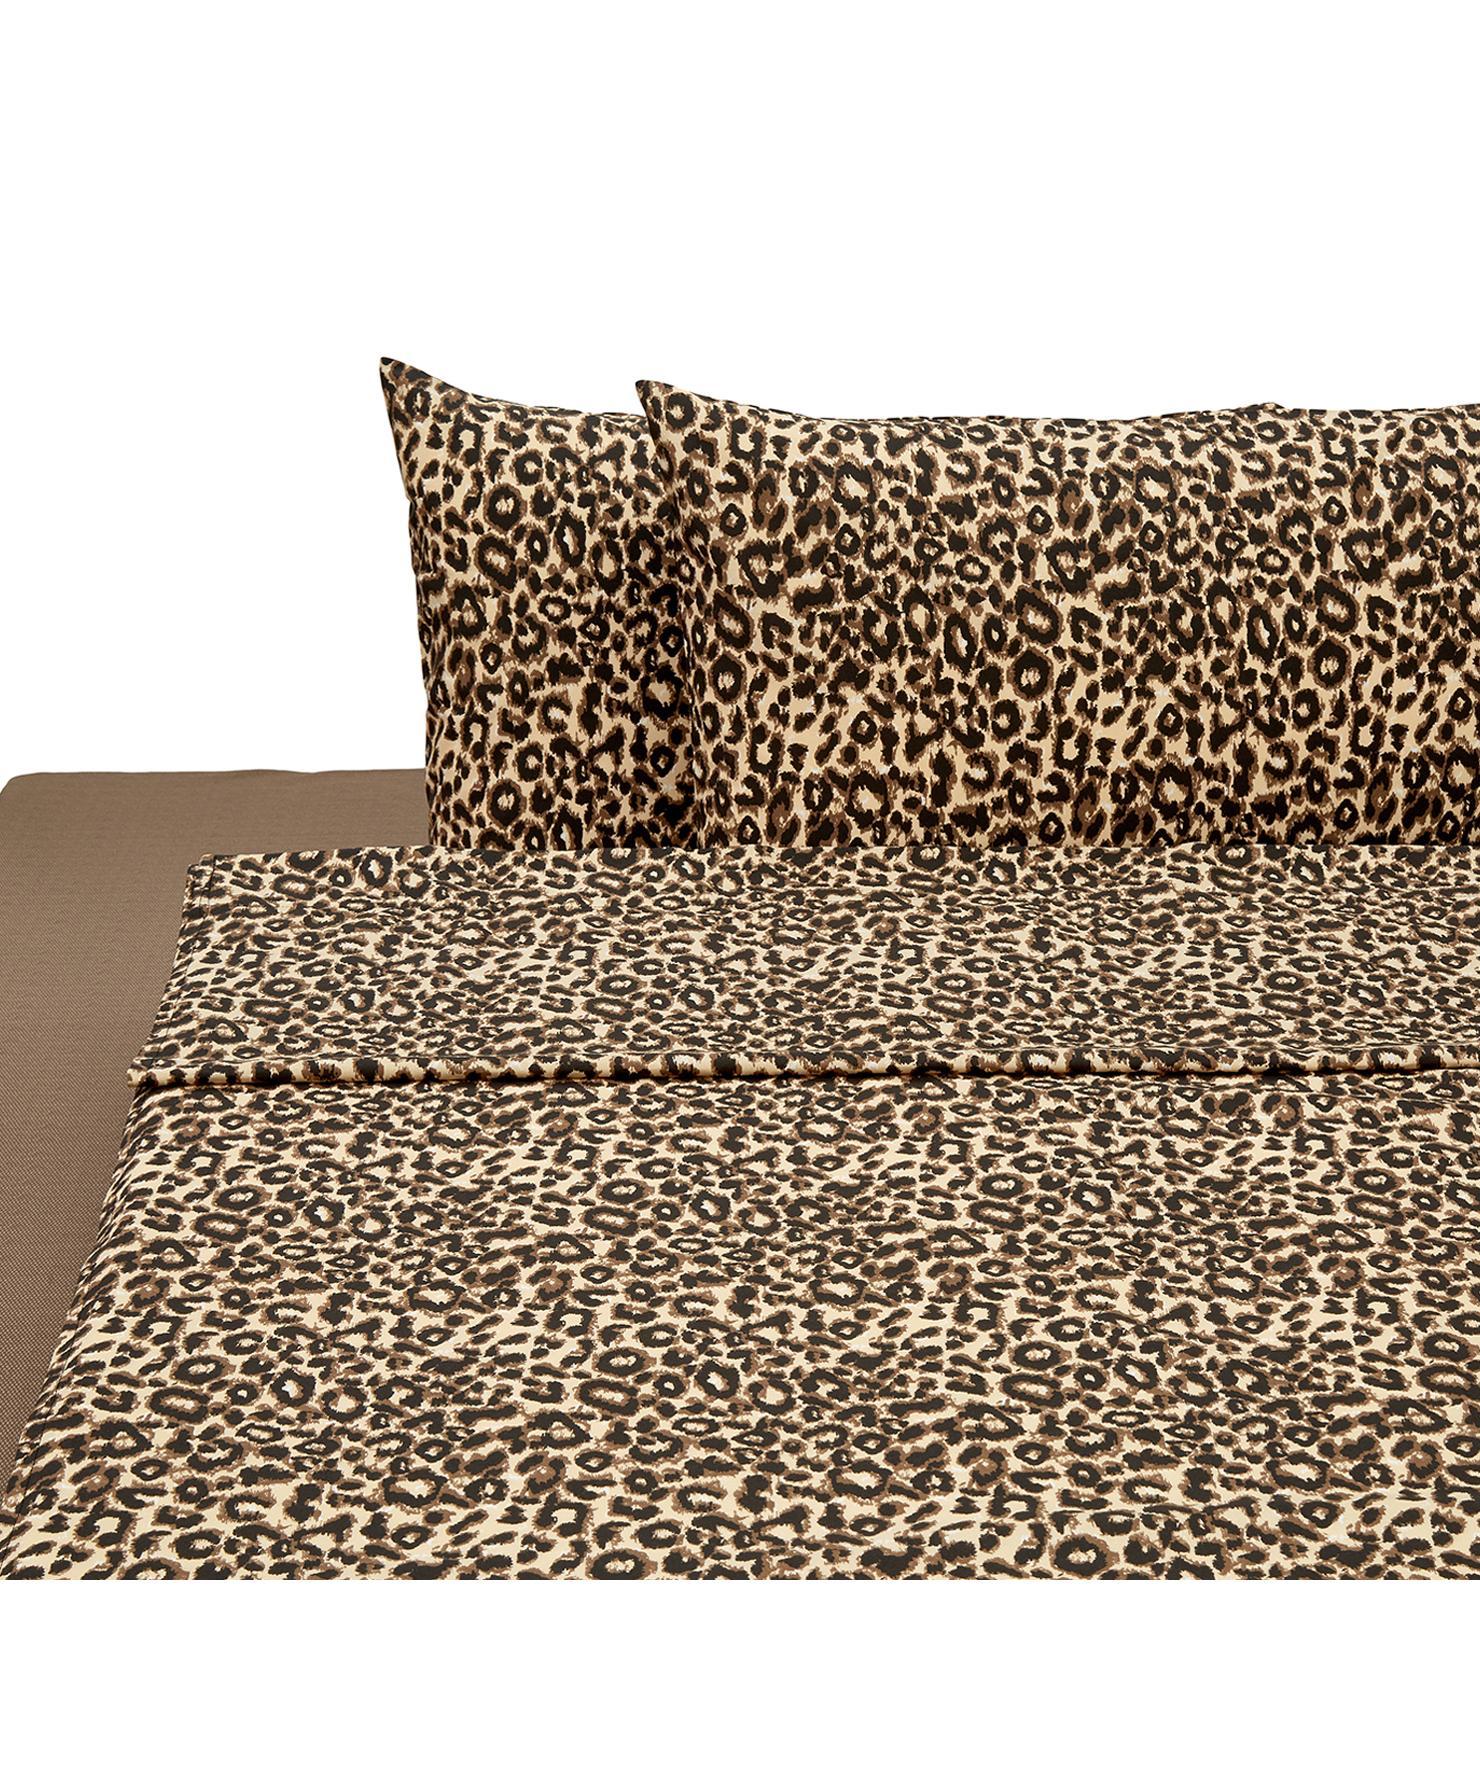 Set lenzuola in cotone  Leopard, 4 pz, Cotone, Marrone, beige, 250 x 280 cm